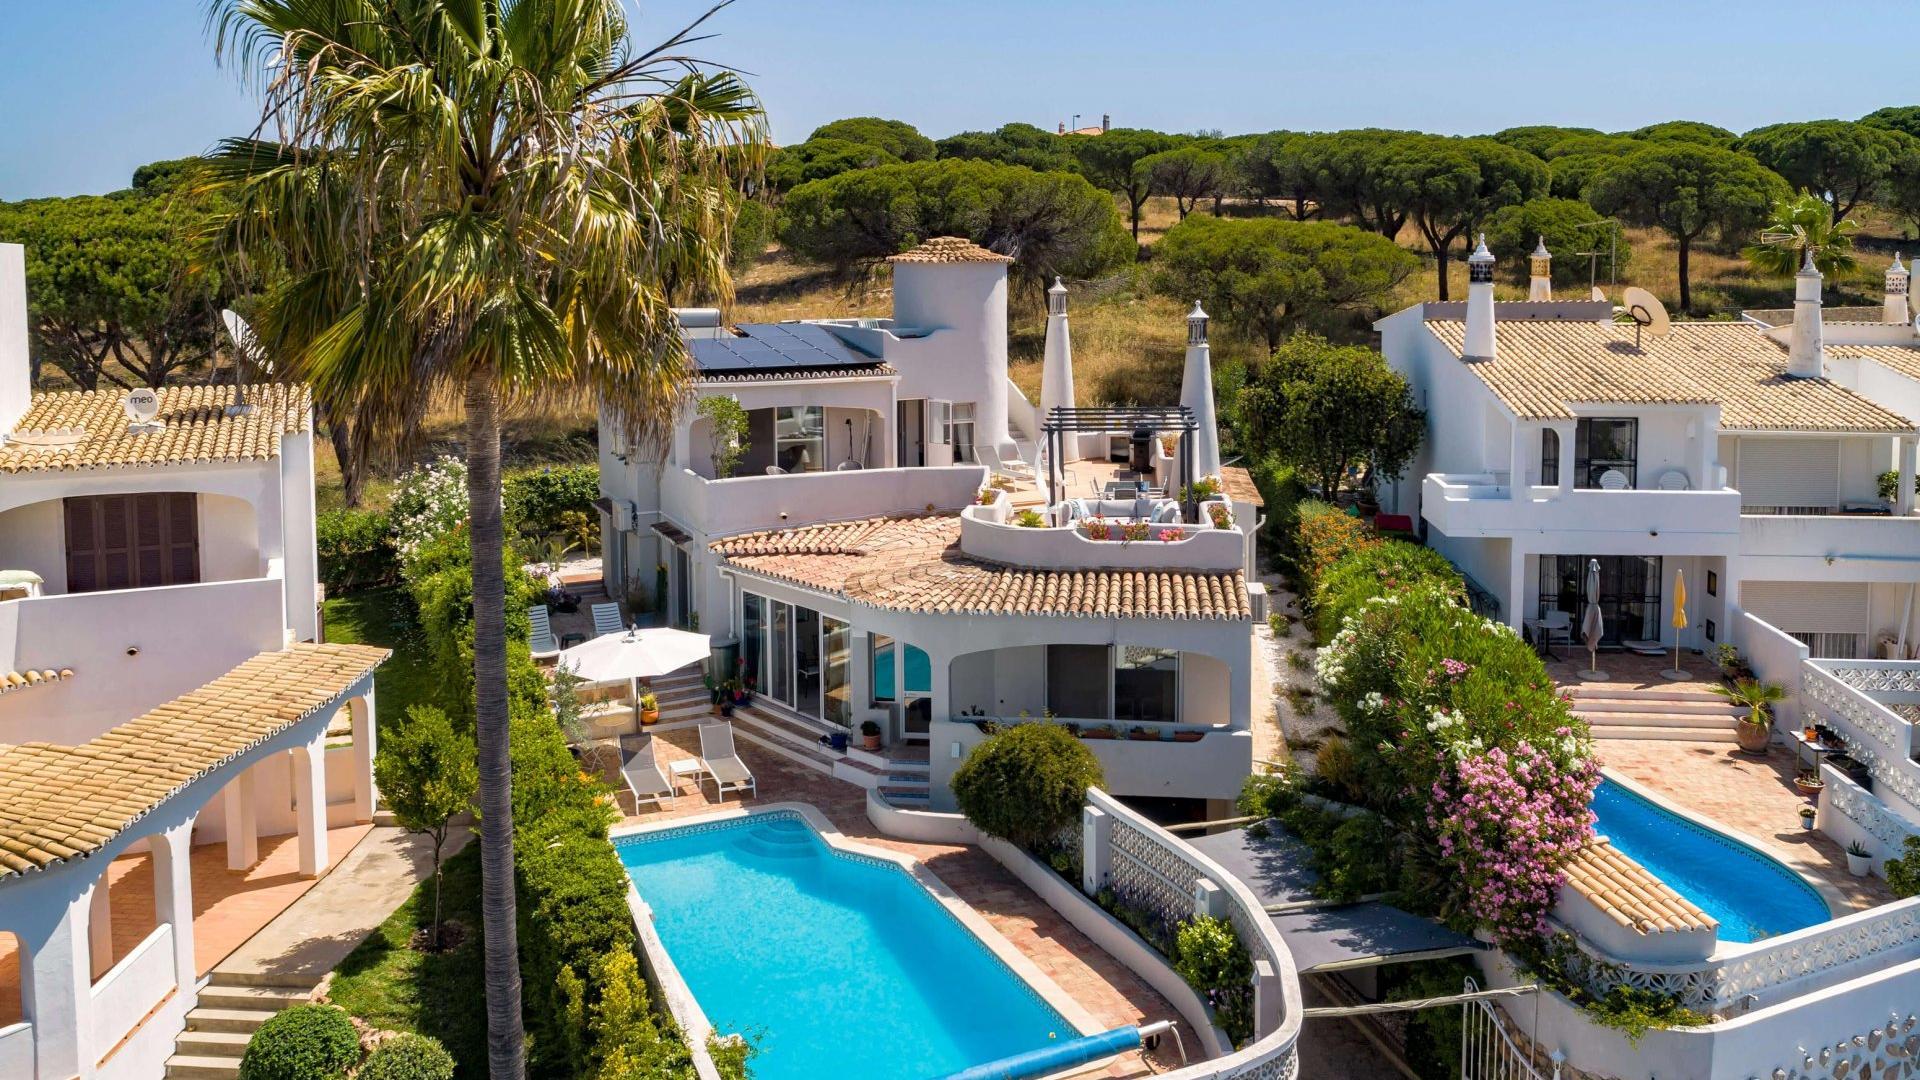 Casa Cláudia - Vale do Garrão, Vale do Lobo, Algarve - casa_claudia_00.jpg